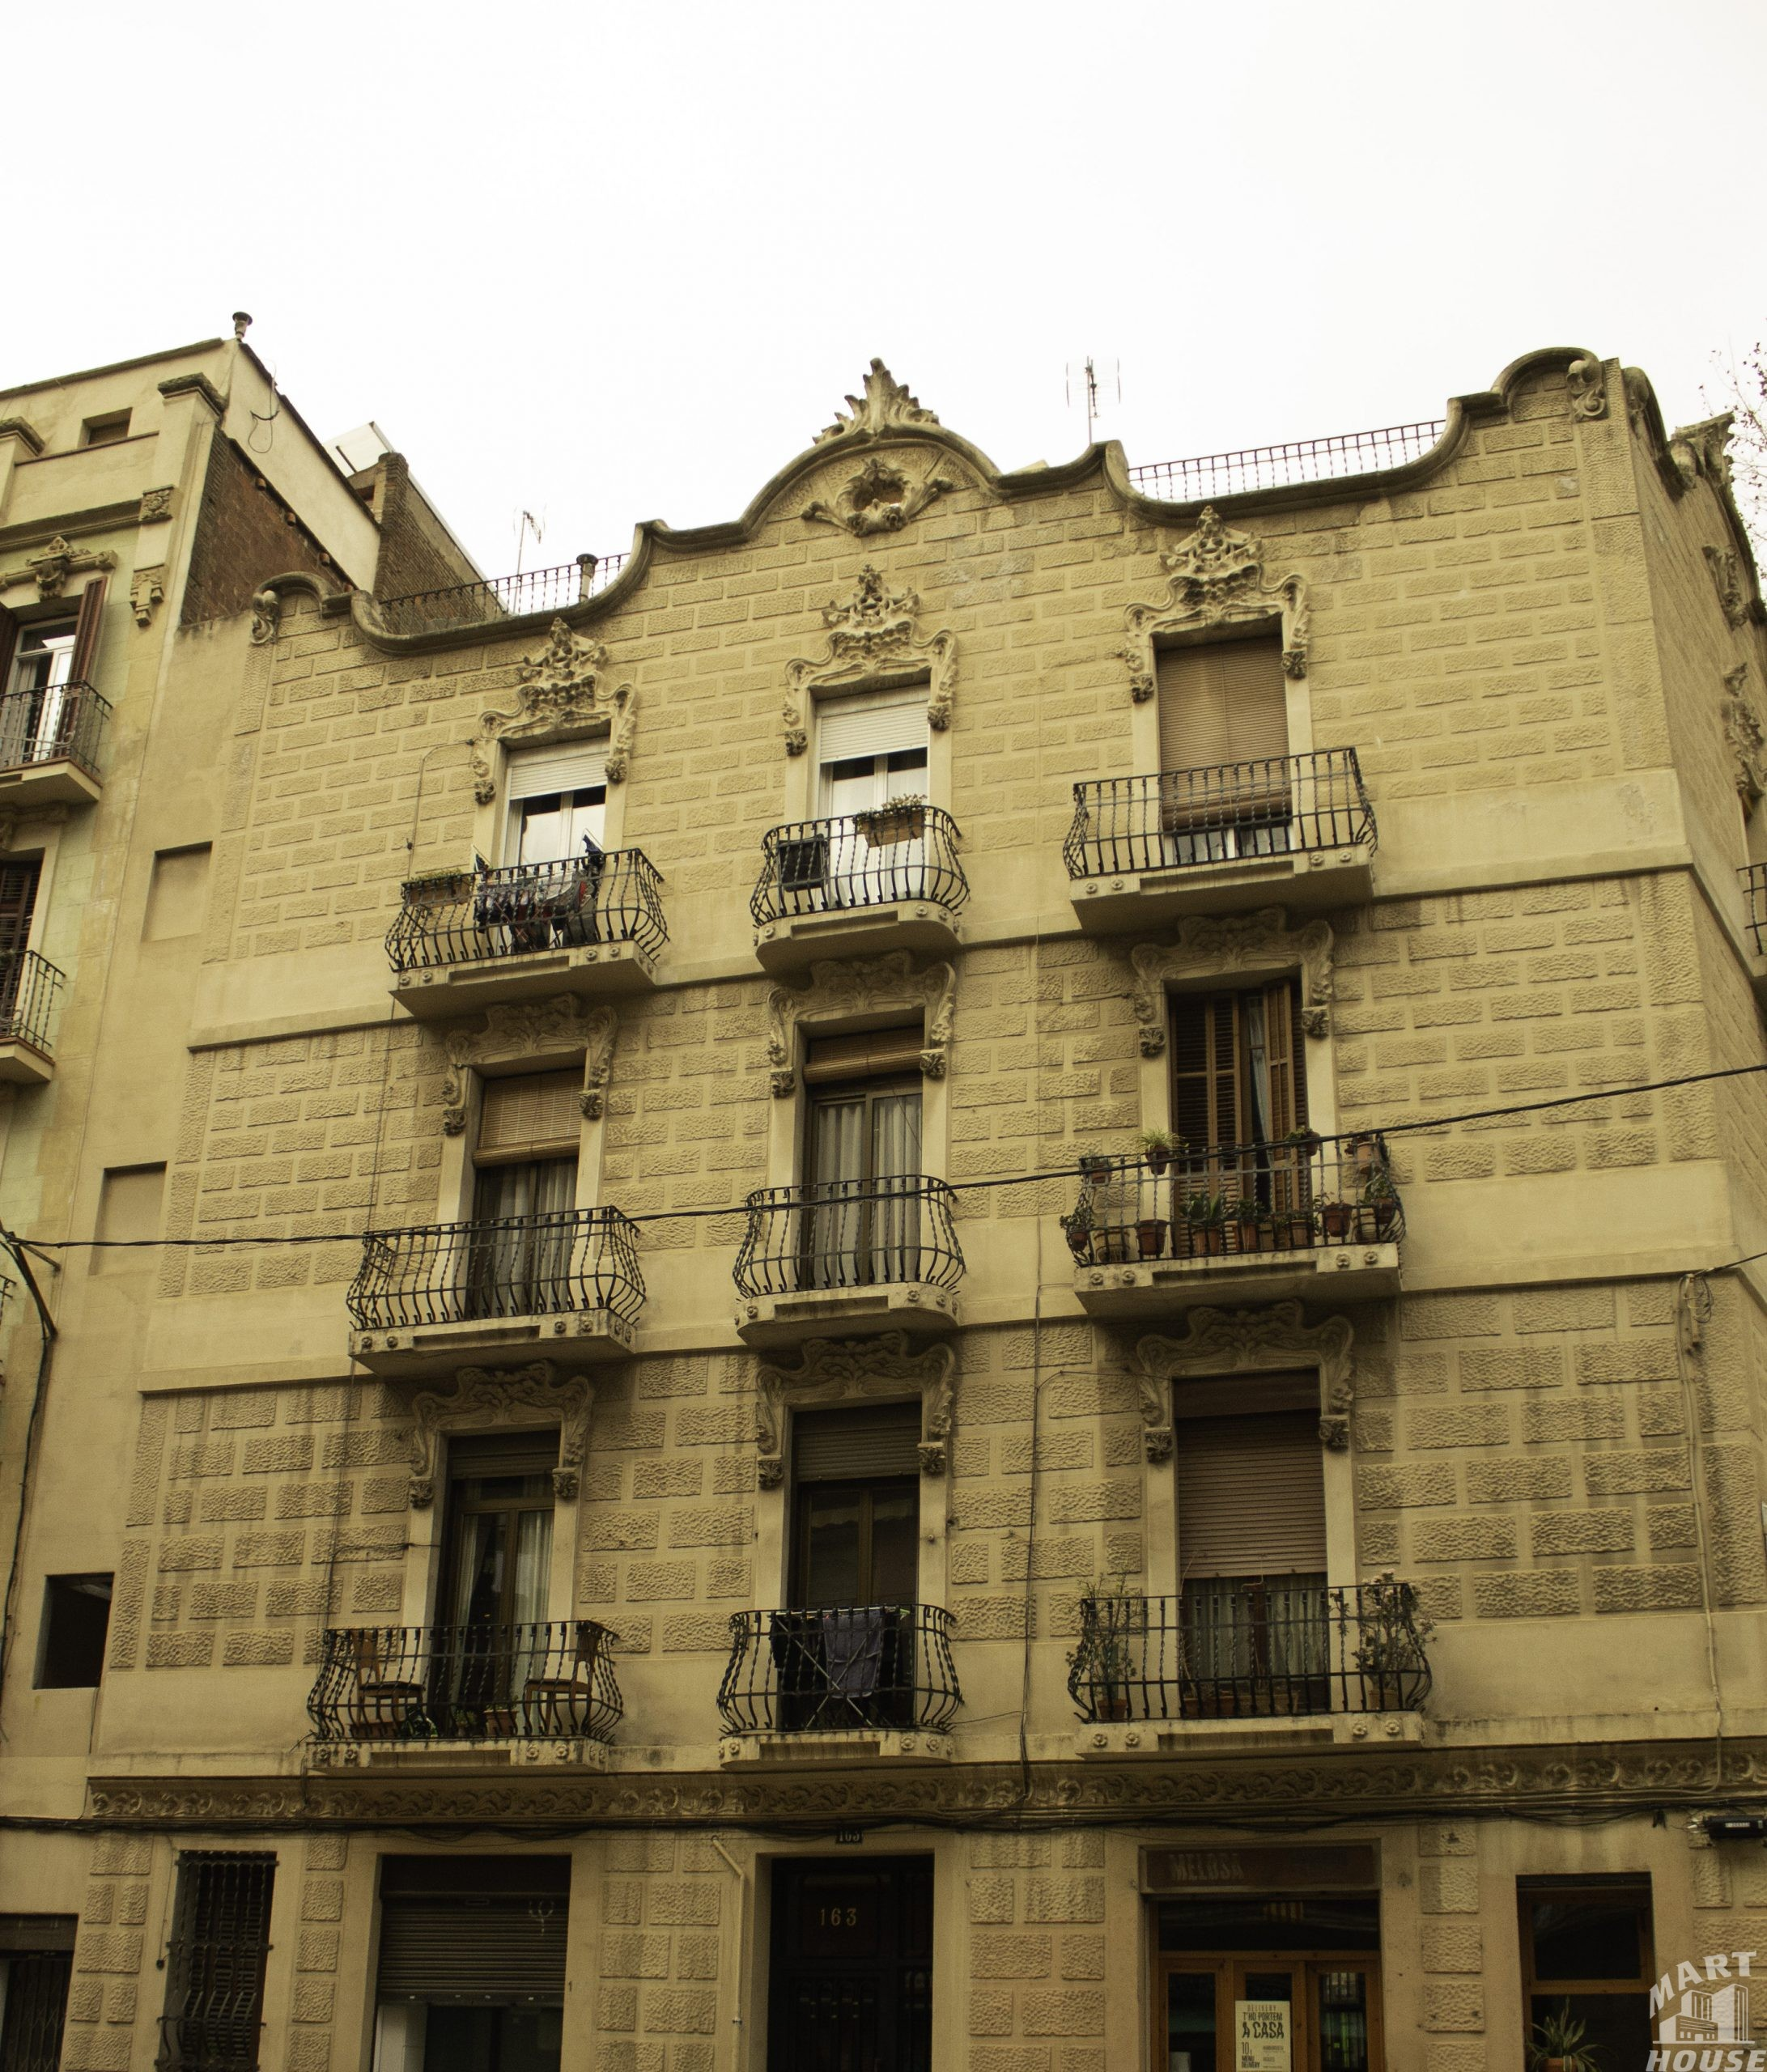 Buscas algo diferente en uno de los mejores lugares de Barcelona esta es tu oportunidad!!!